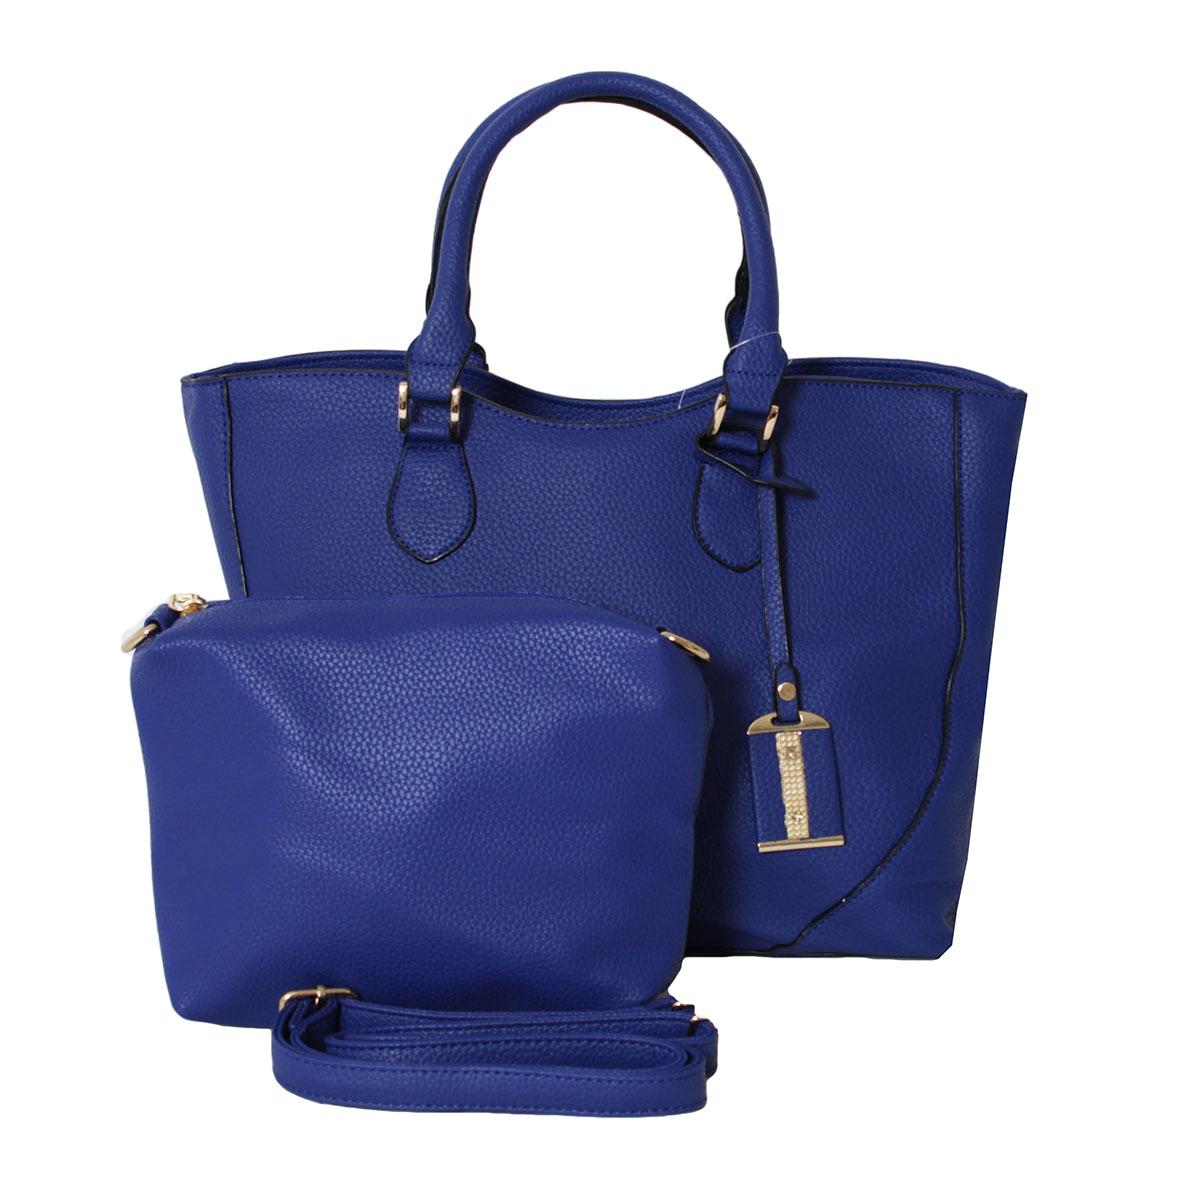 Сумка женский Flioraj, цвет: синий. 0005213800052138В комплекте сумка и косметичка. Сумка (35 х 13 х 26, высота ручки - 18) закрывается на молнию, внутри два отделения, два кармана на молнии, два открытых кармана, снаружи один карман на молнии. Косметичка (19 х 6 х 15) закрывается на молнию, внутри одно от